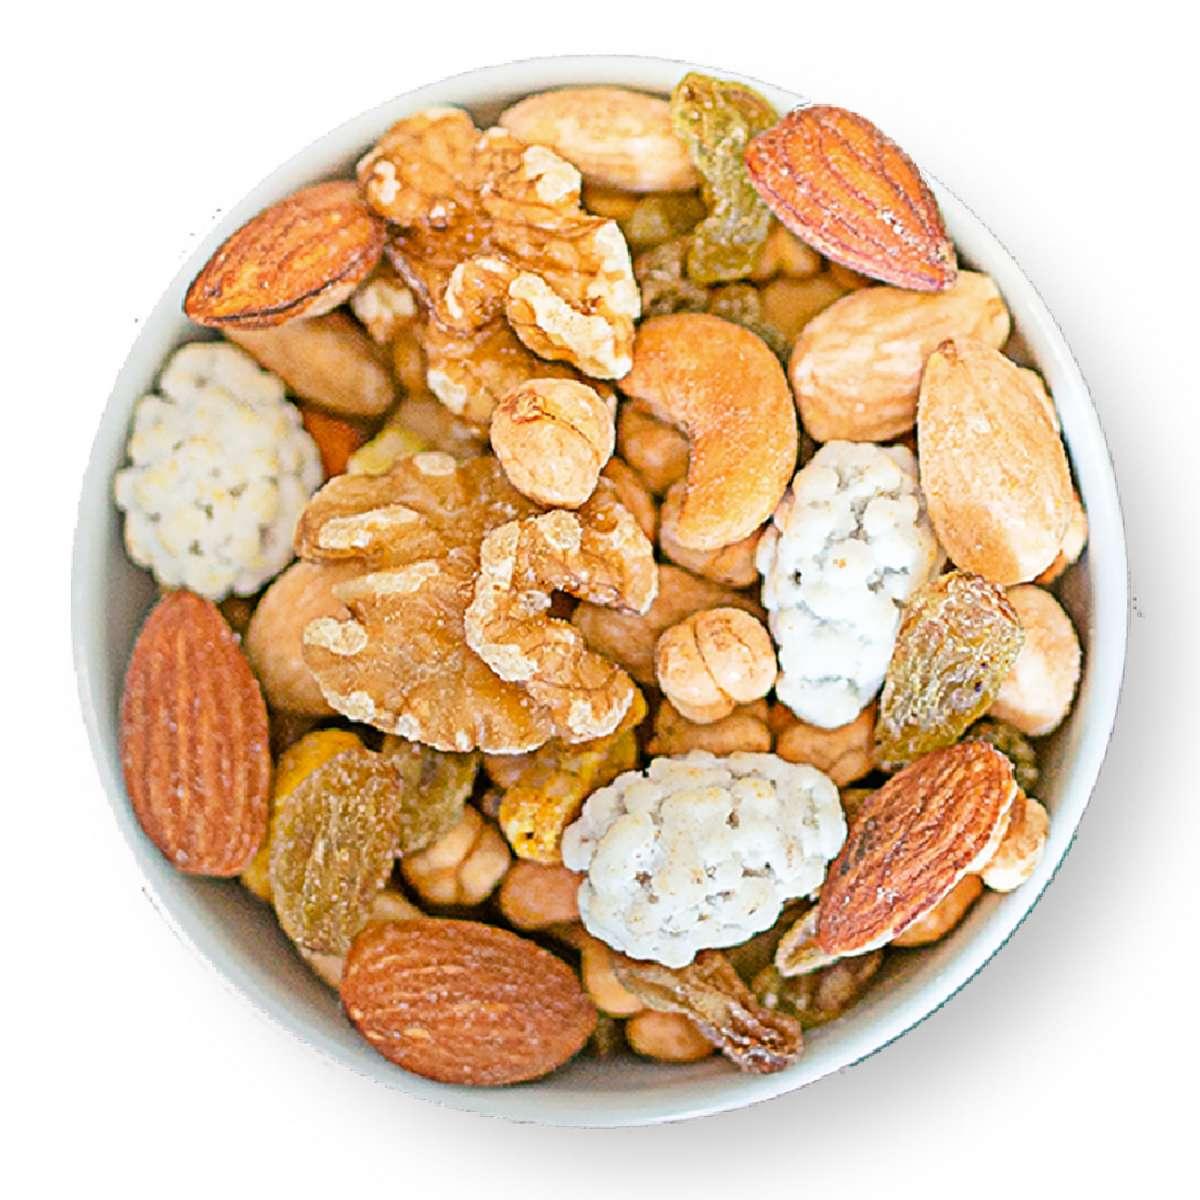 Studentenfutter nach persischer Art (gesalzen, geröstet)   Gesalzene Nüsse